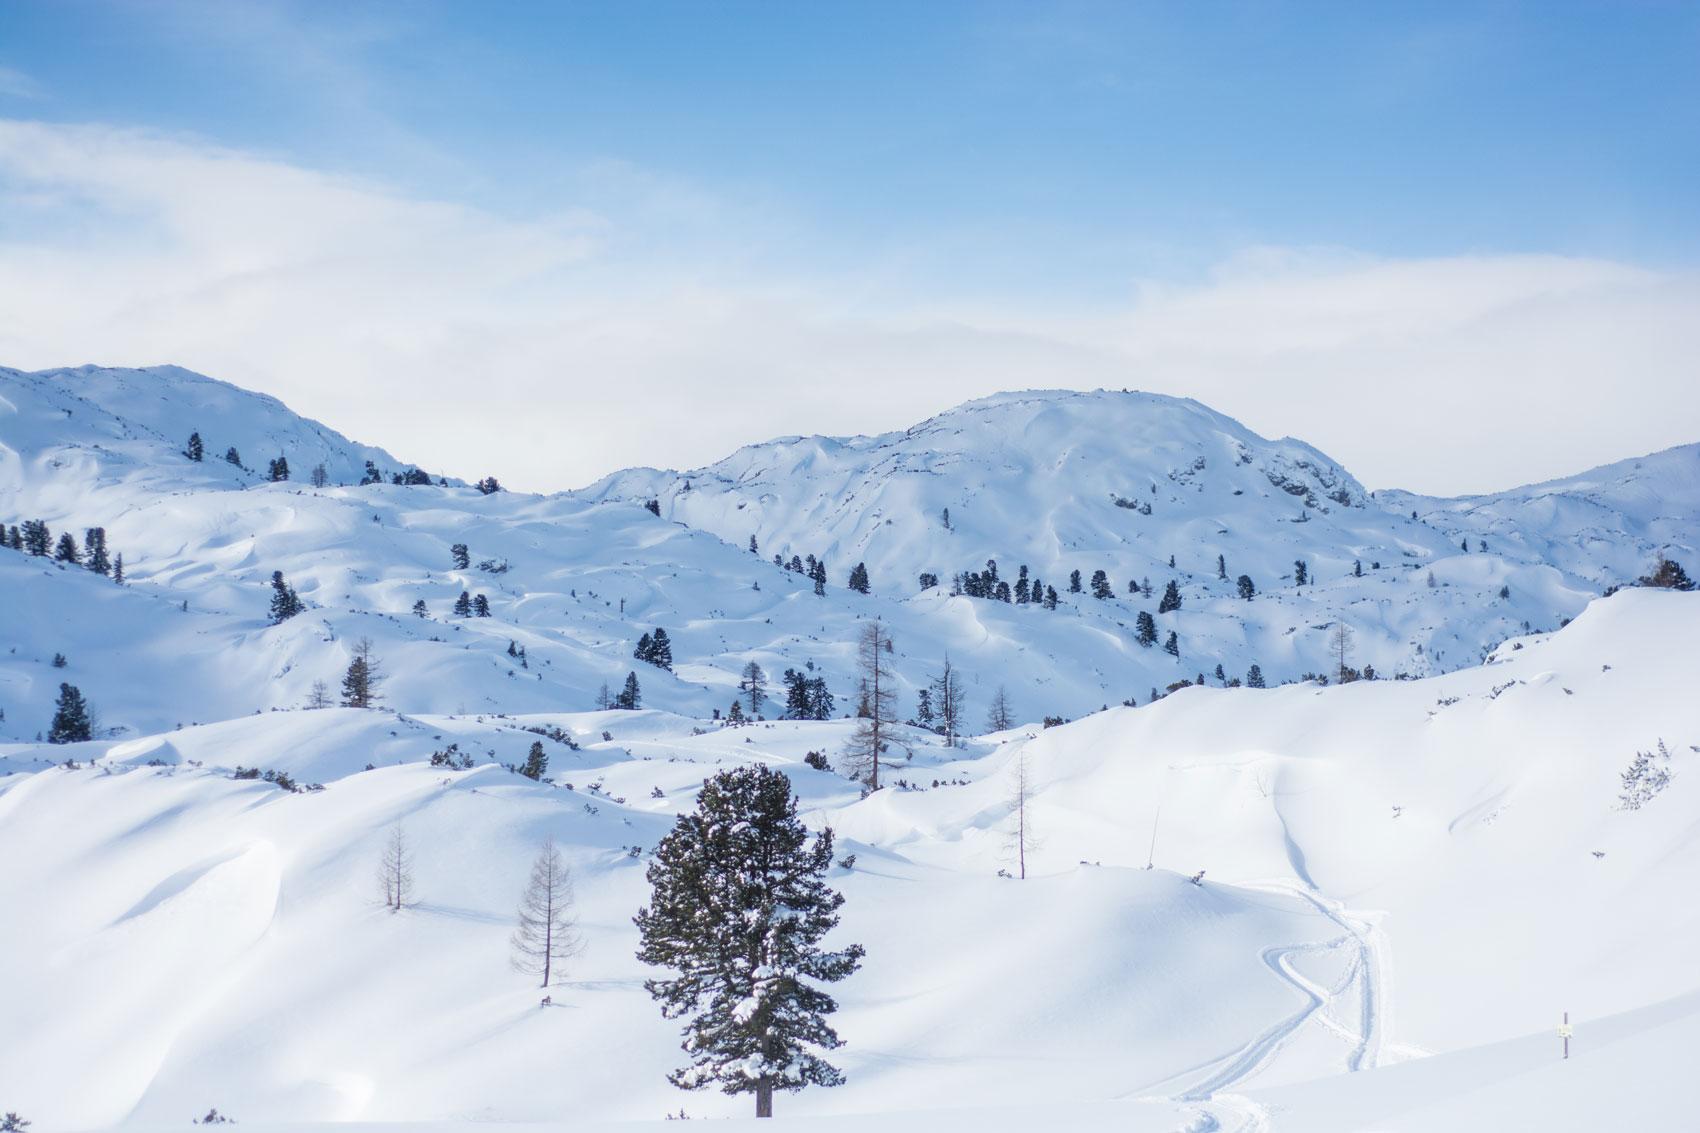 winter-wonderland-dachstein-bergfoto-stefanie-ramb-krambeutel-munichmountaingirls